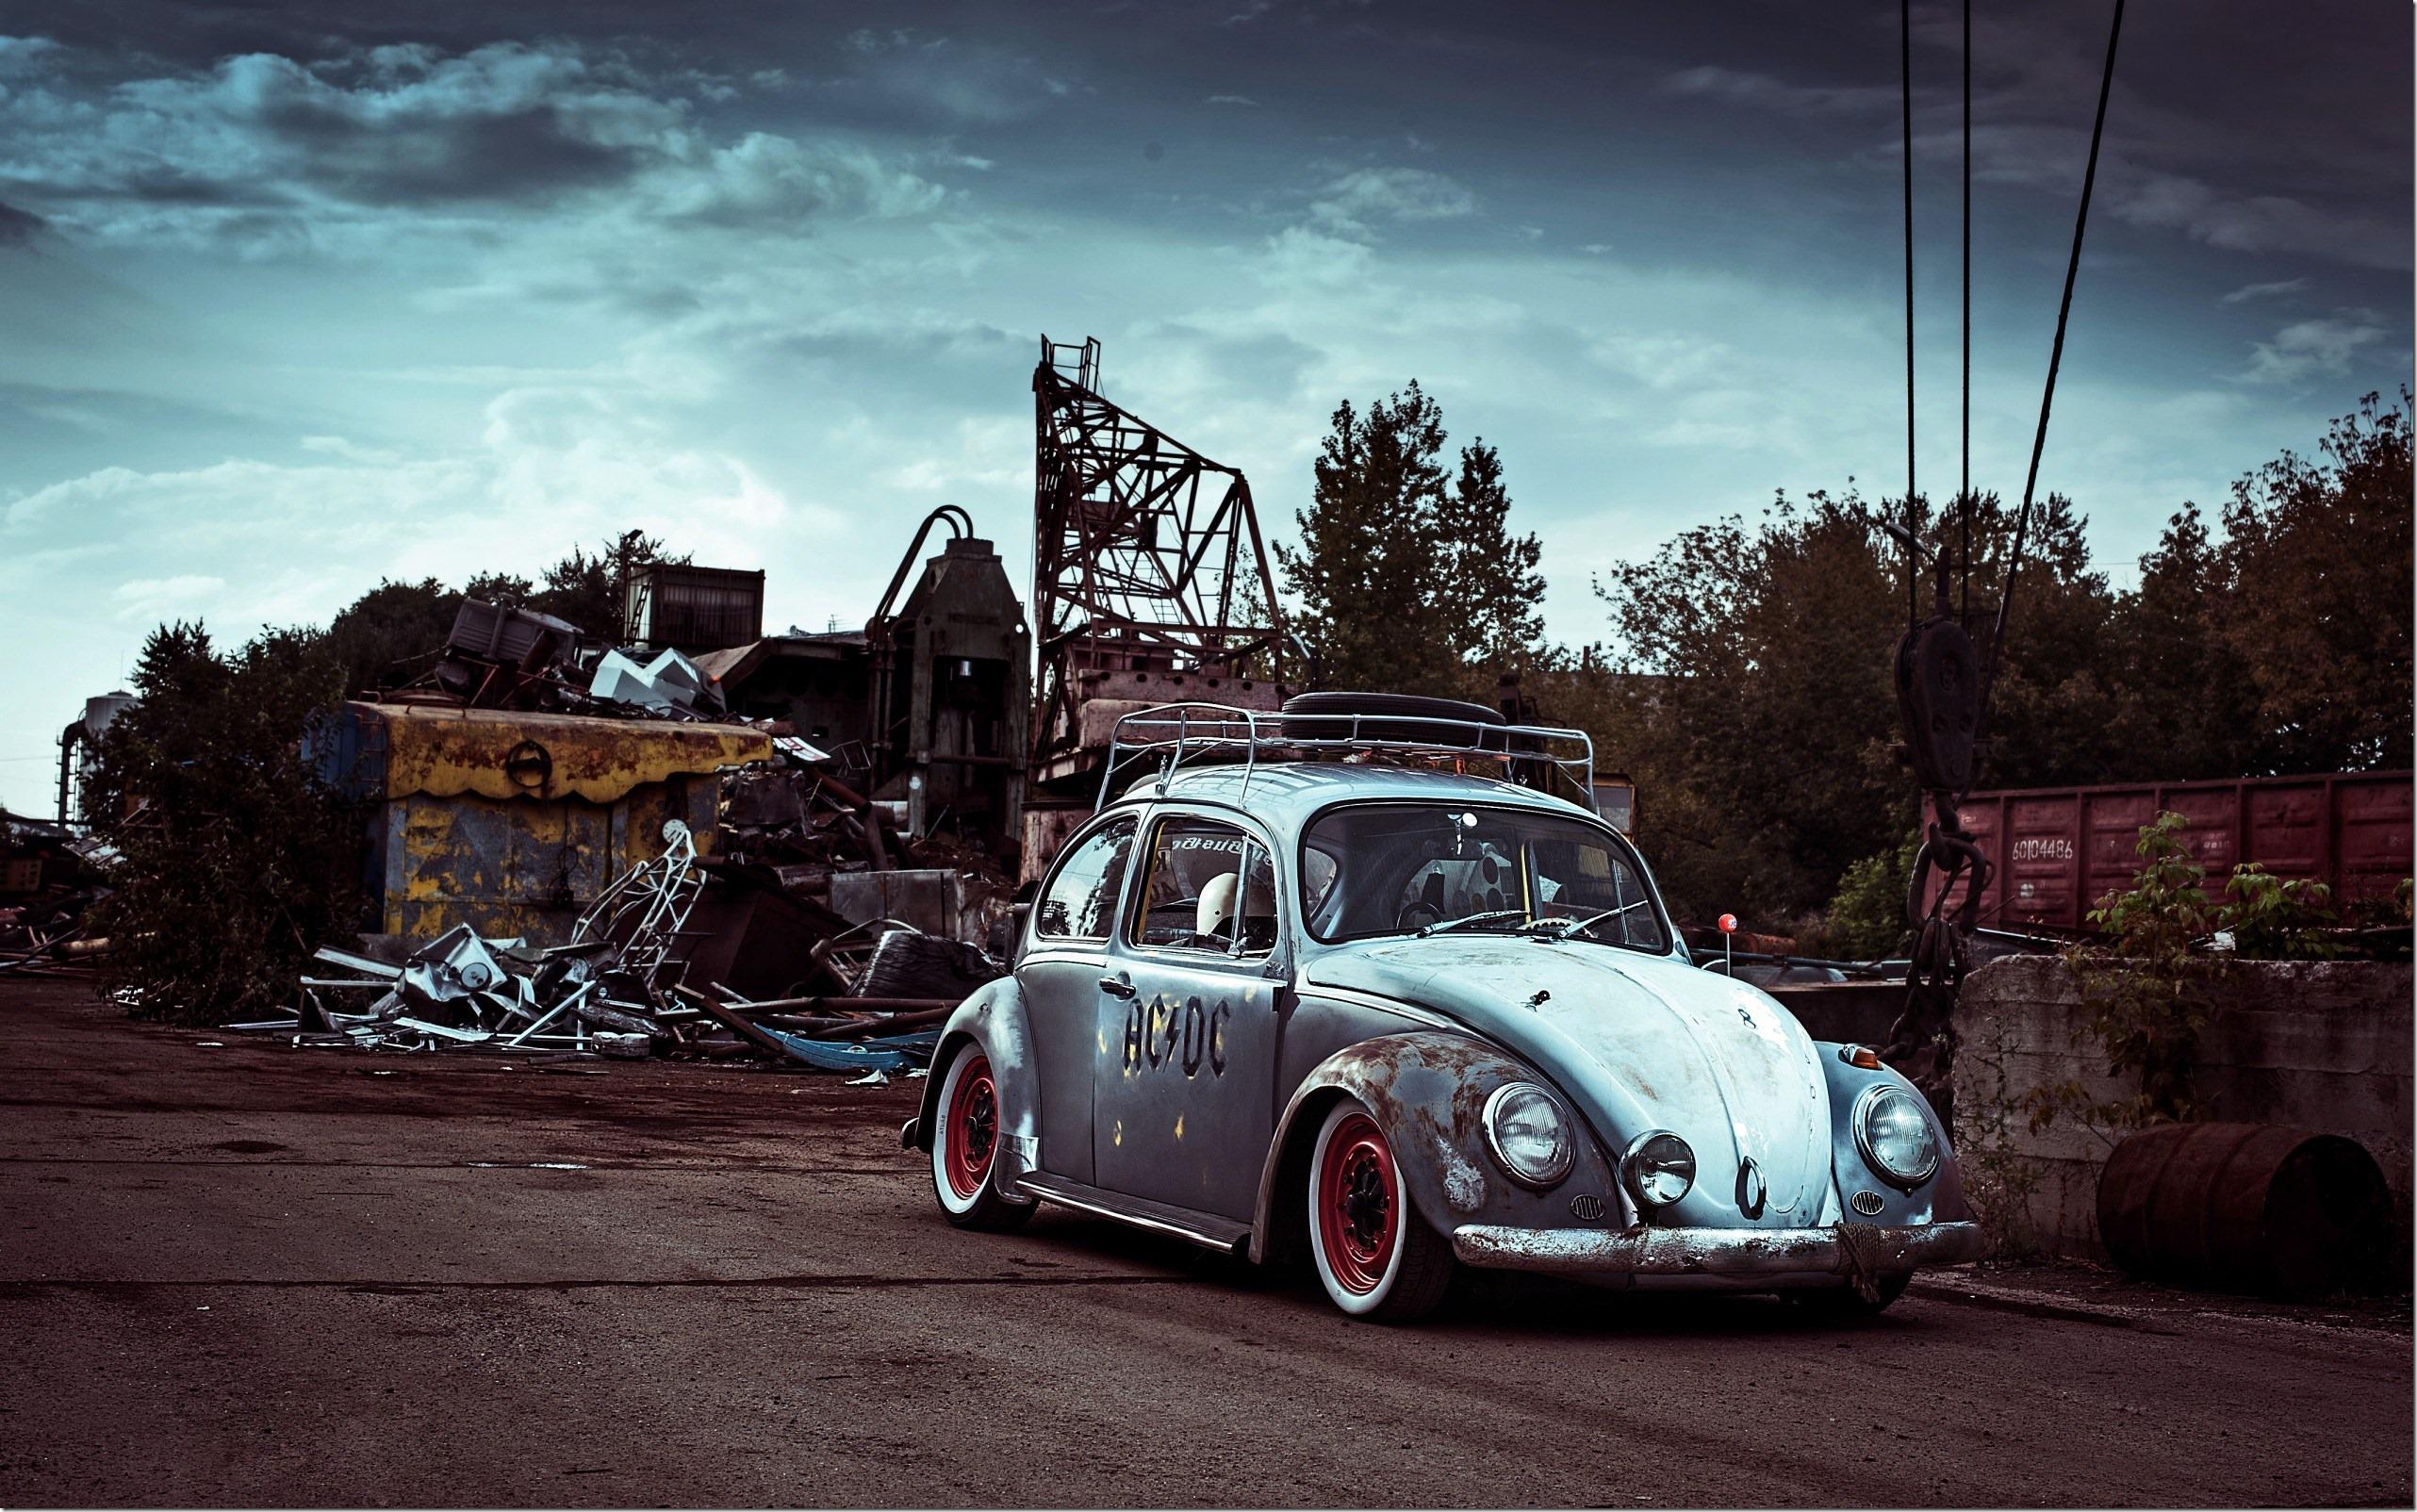 Hd volkswagen wallpaper 1366x768 cars background wallpapers hd html - Volkswagen Hd Wallpapers Wallpapersafari